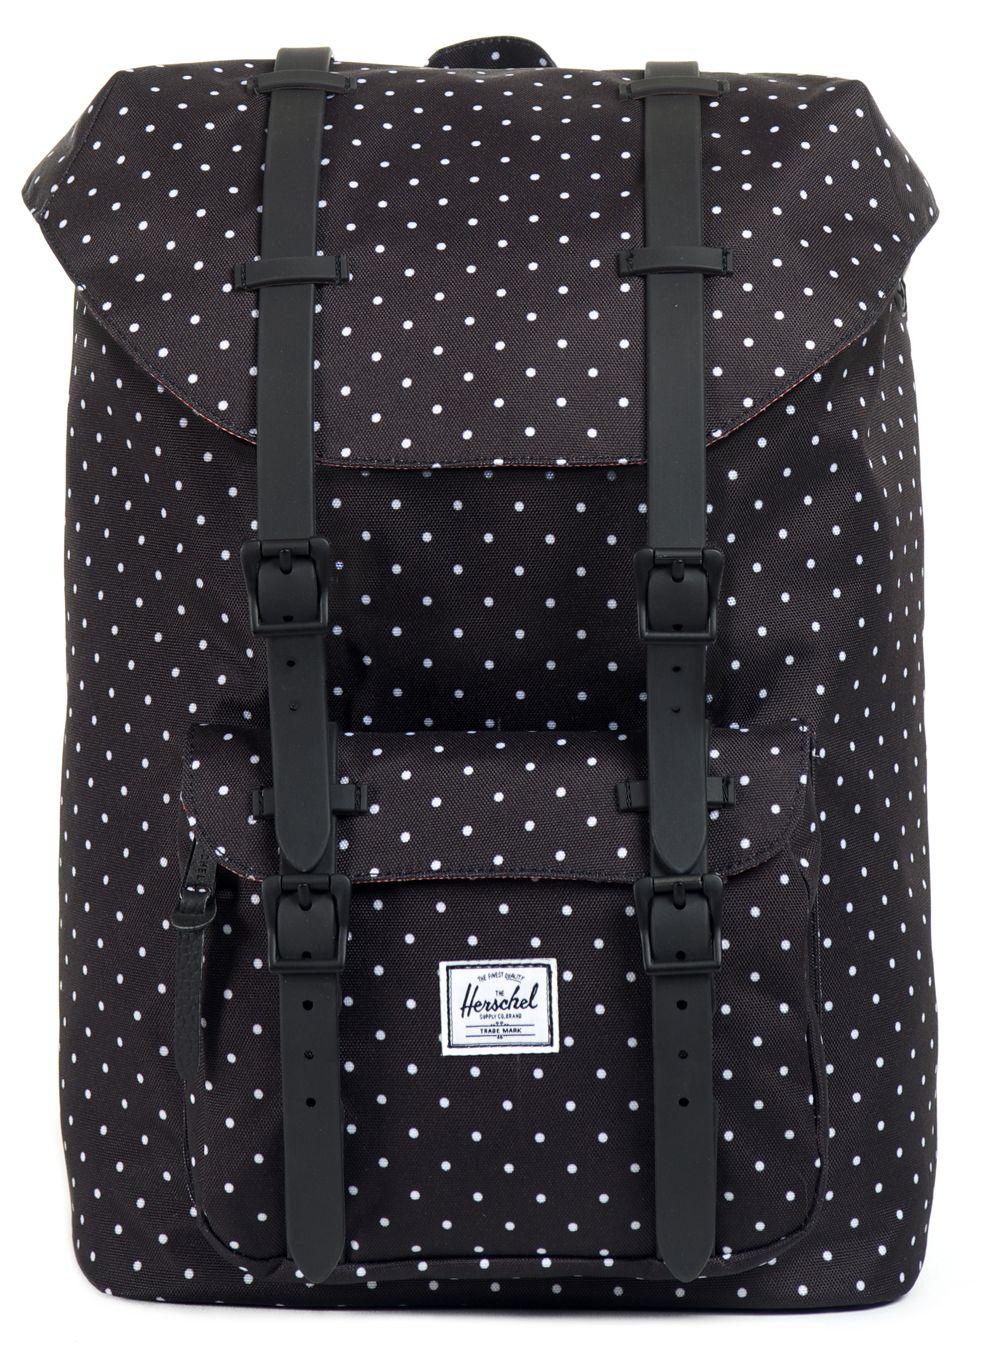 5702cdbbcb4 herschel supply co black polka dot little america backpack   I like ...